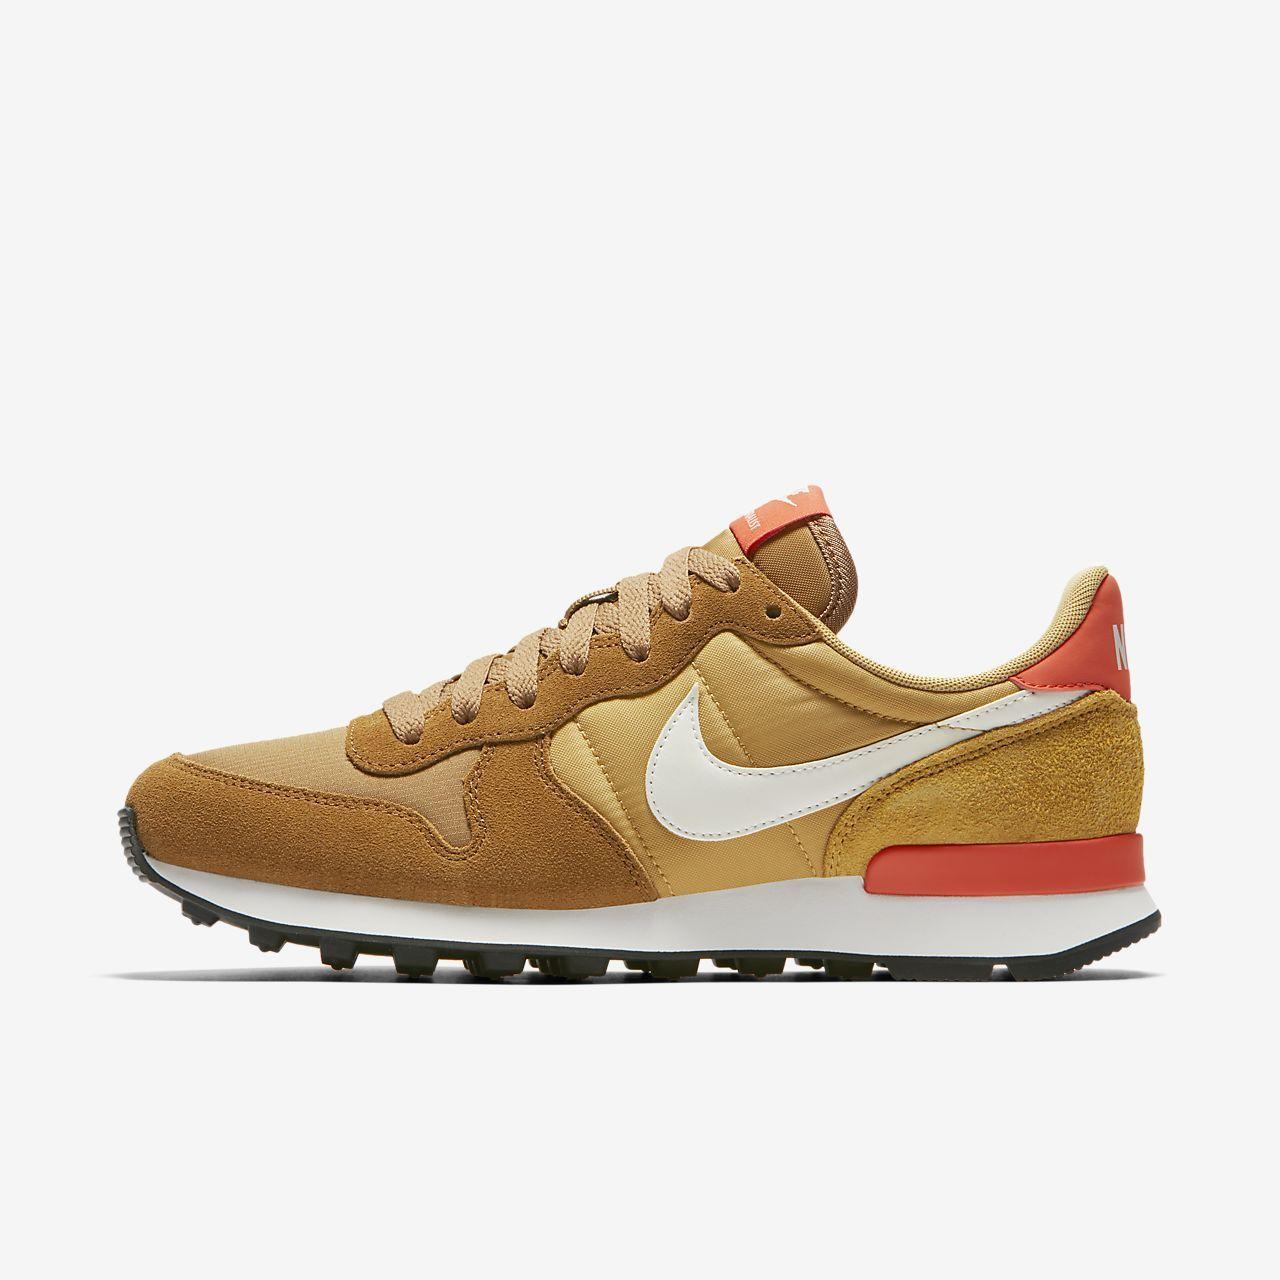 8f839d6fc1b990 Nike Internationalist Women s Shoe